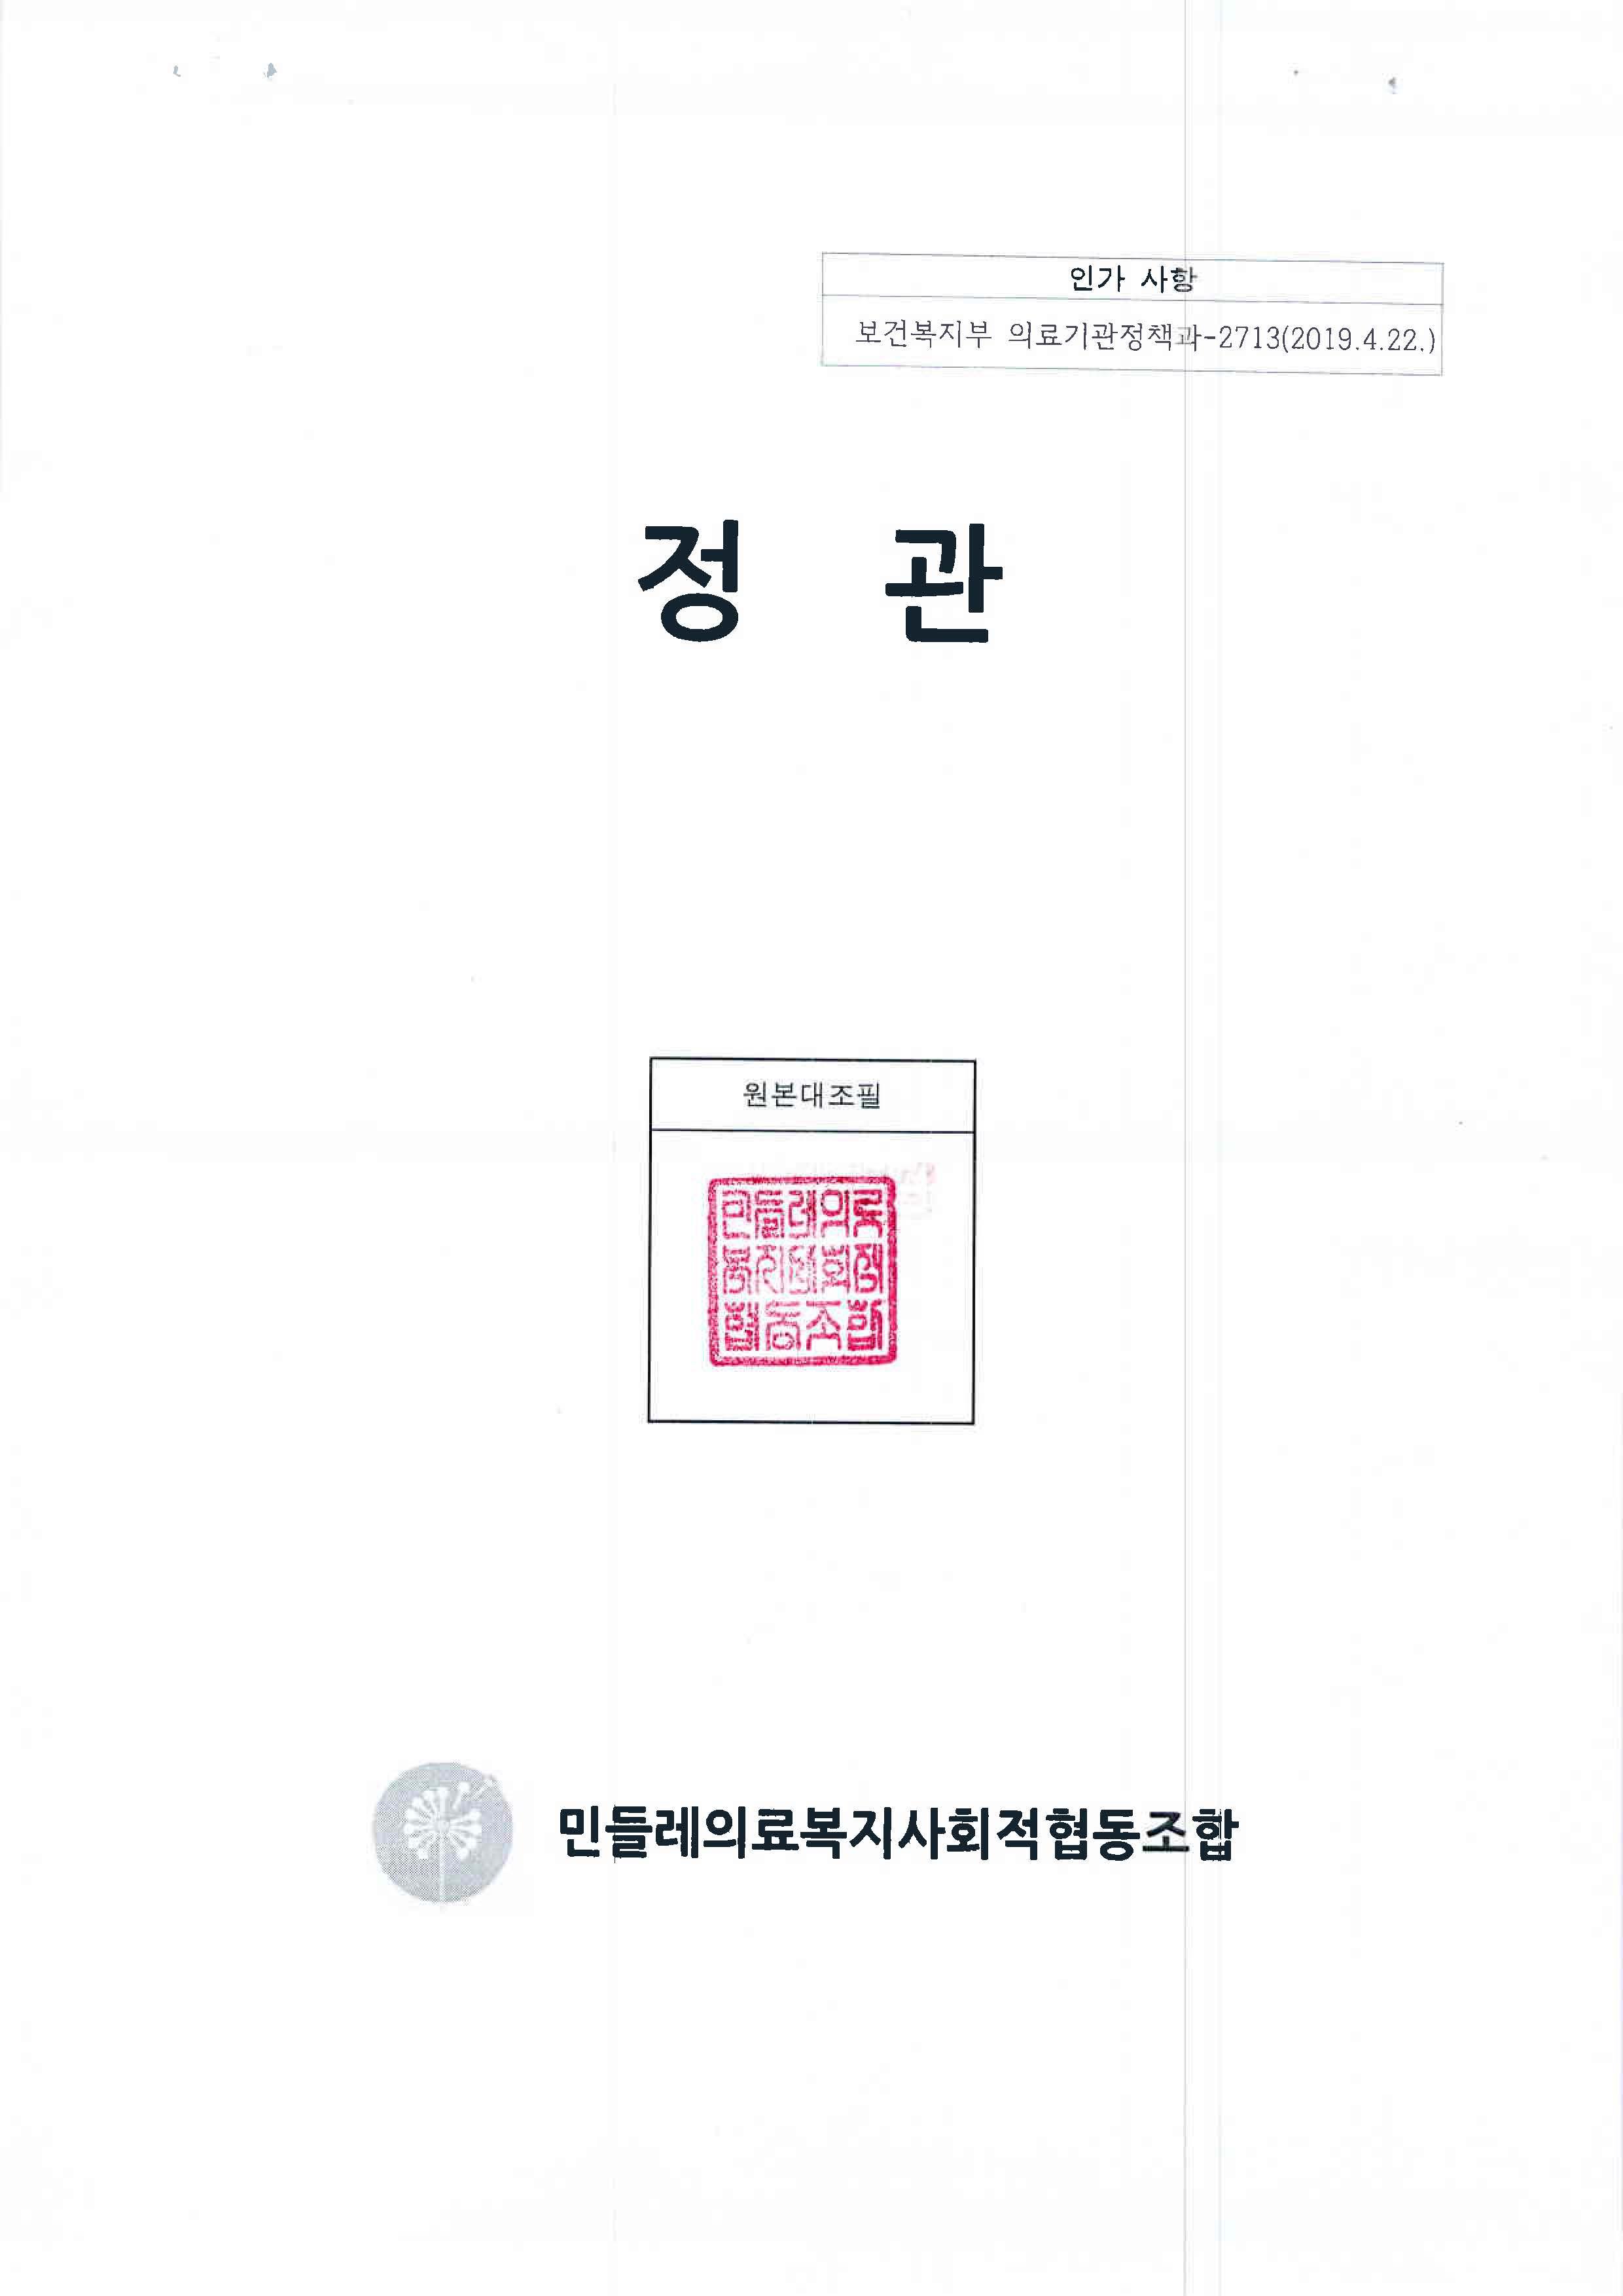 정관(20차 총회 개정안 반영)-원본대조필_페이지_01.jpg